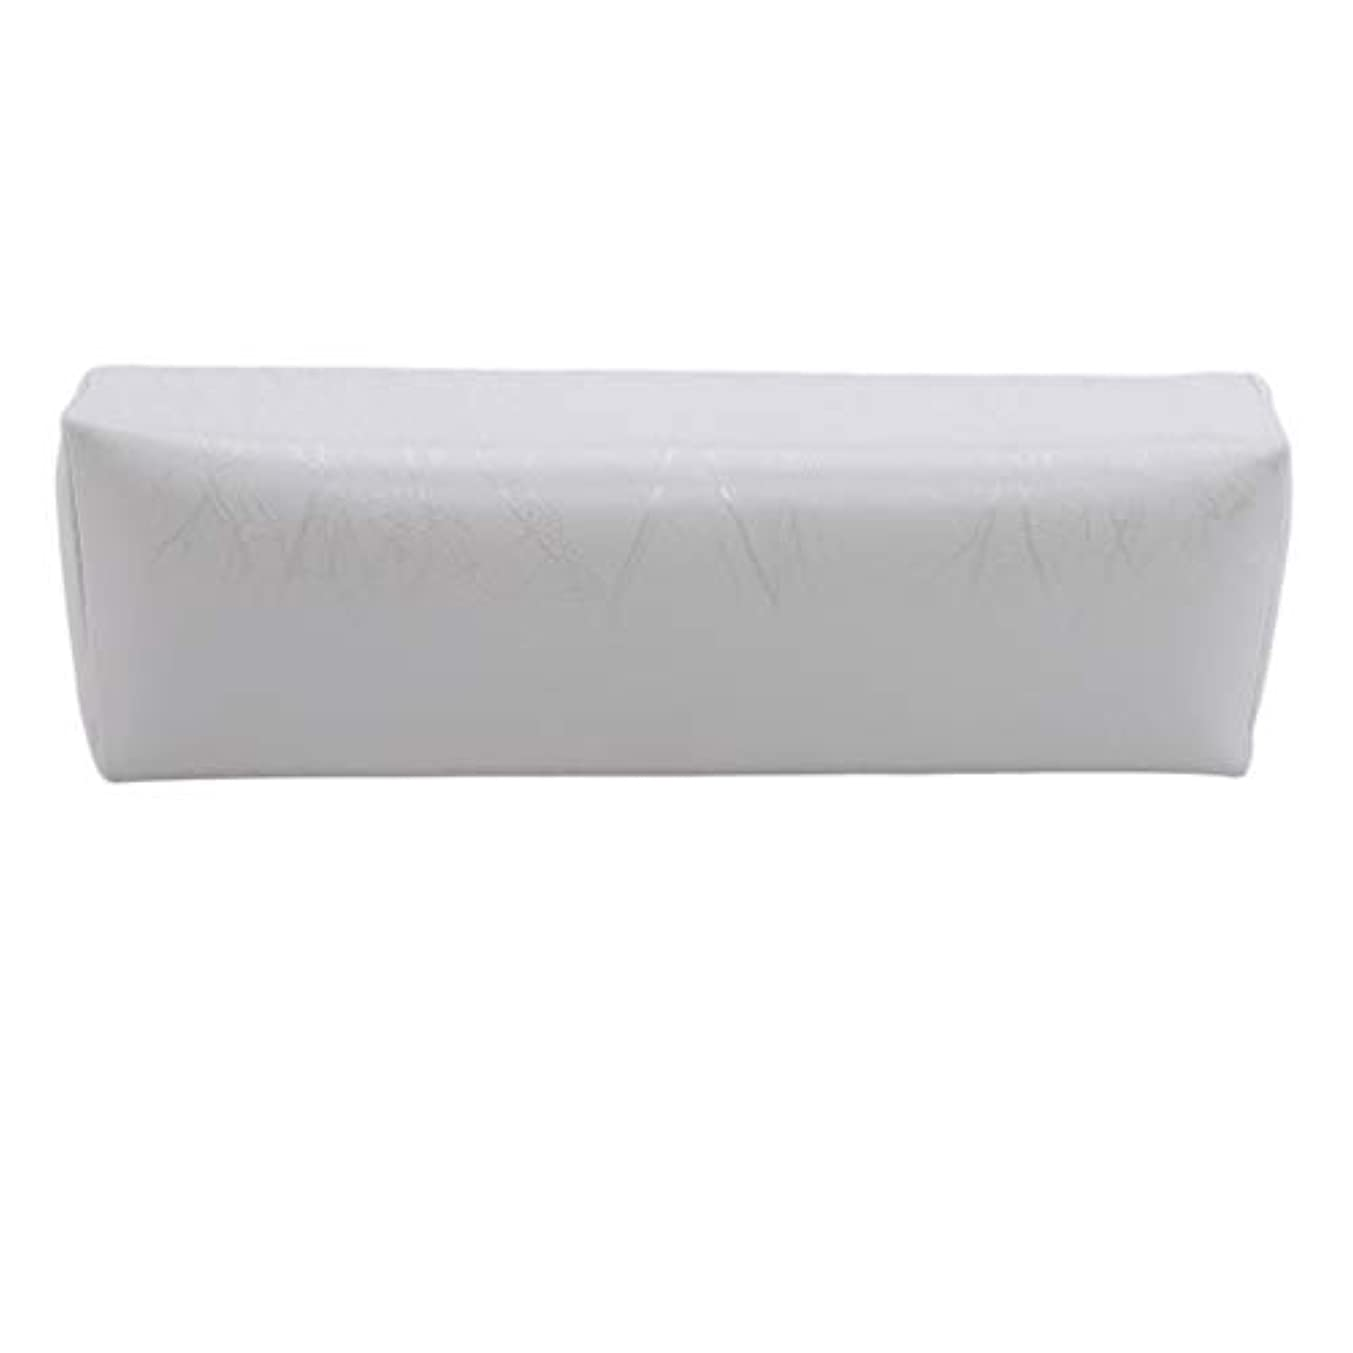 ハンディショット私たち自身HKUN プロのネイルアートツール ケアツール 洗える 手枕クッション ネイルアートホルダー ソフトアームレスト用 ネイルケア用 マニキュアネイル用品 白色